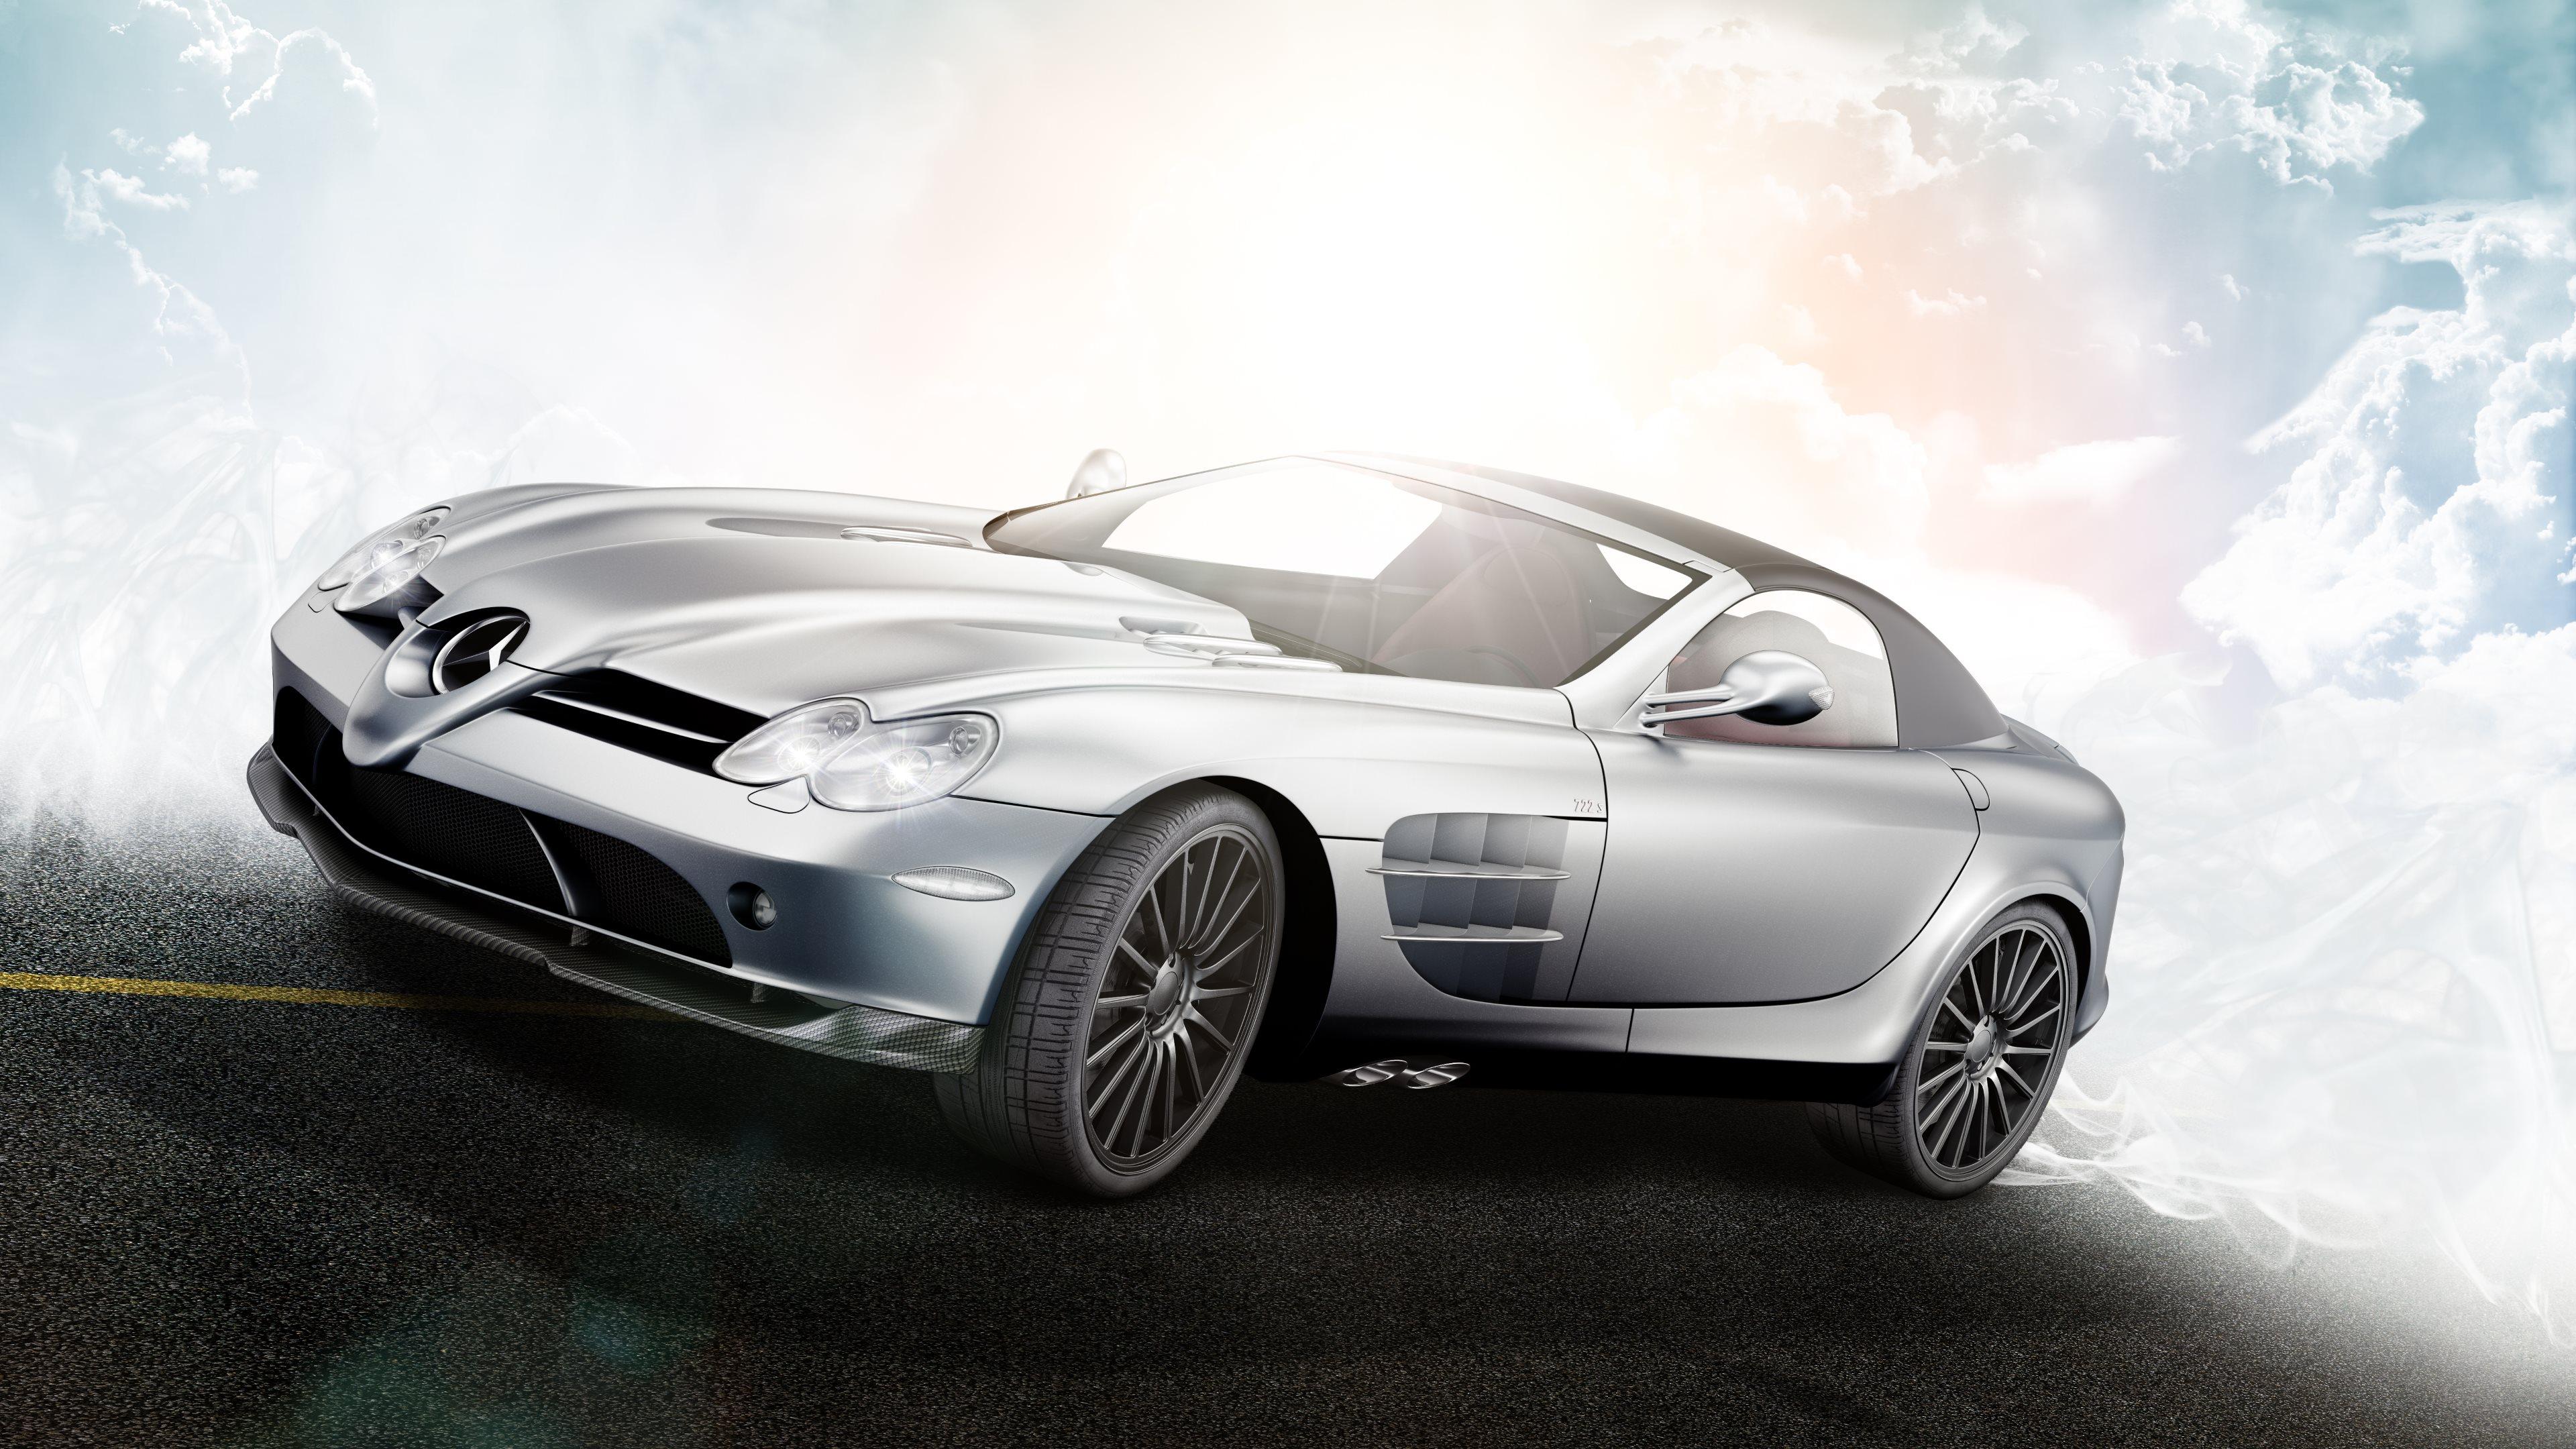 wallpaper mercedes benz mclaren slr 722s ultra hd 4k 3840x2160 - Mercedes Benz Slr Wallpaper Hd